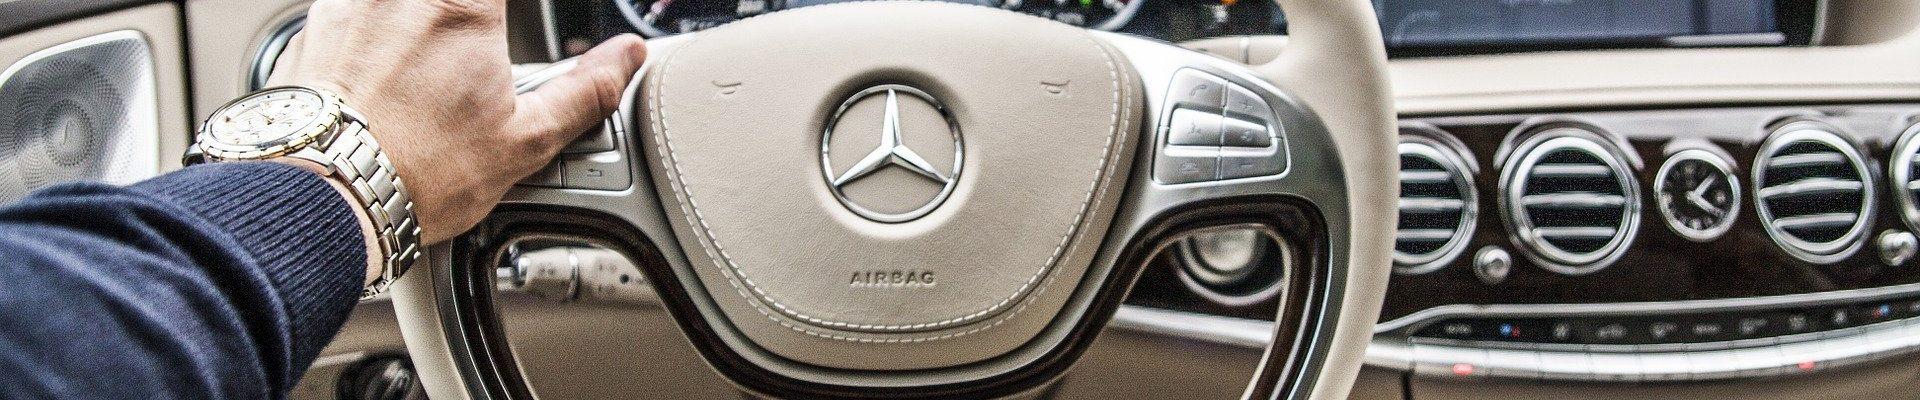 Który oczyszczacz samochodowy jest najlepszy?